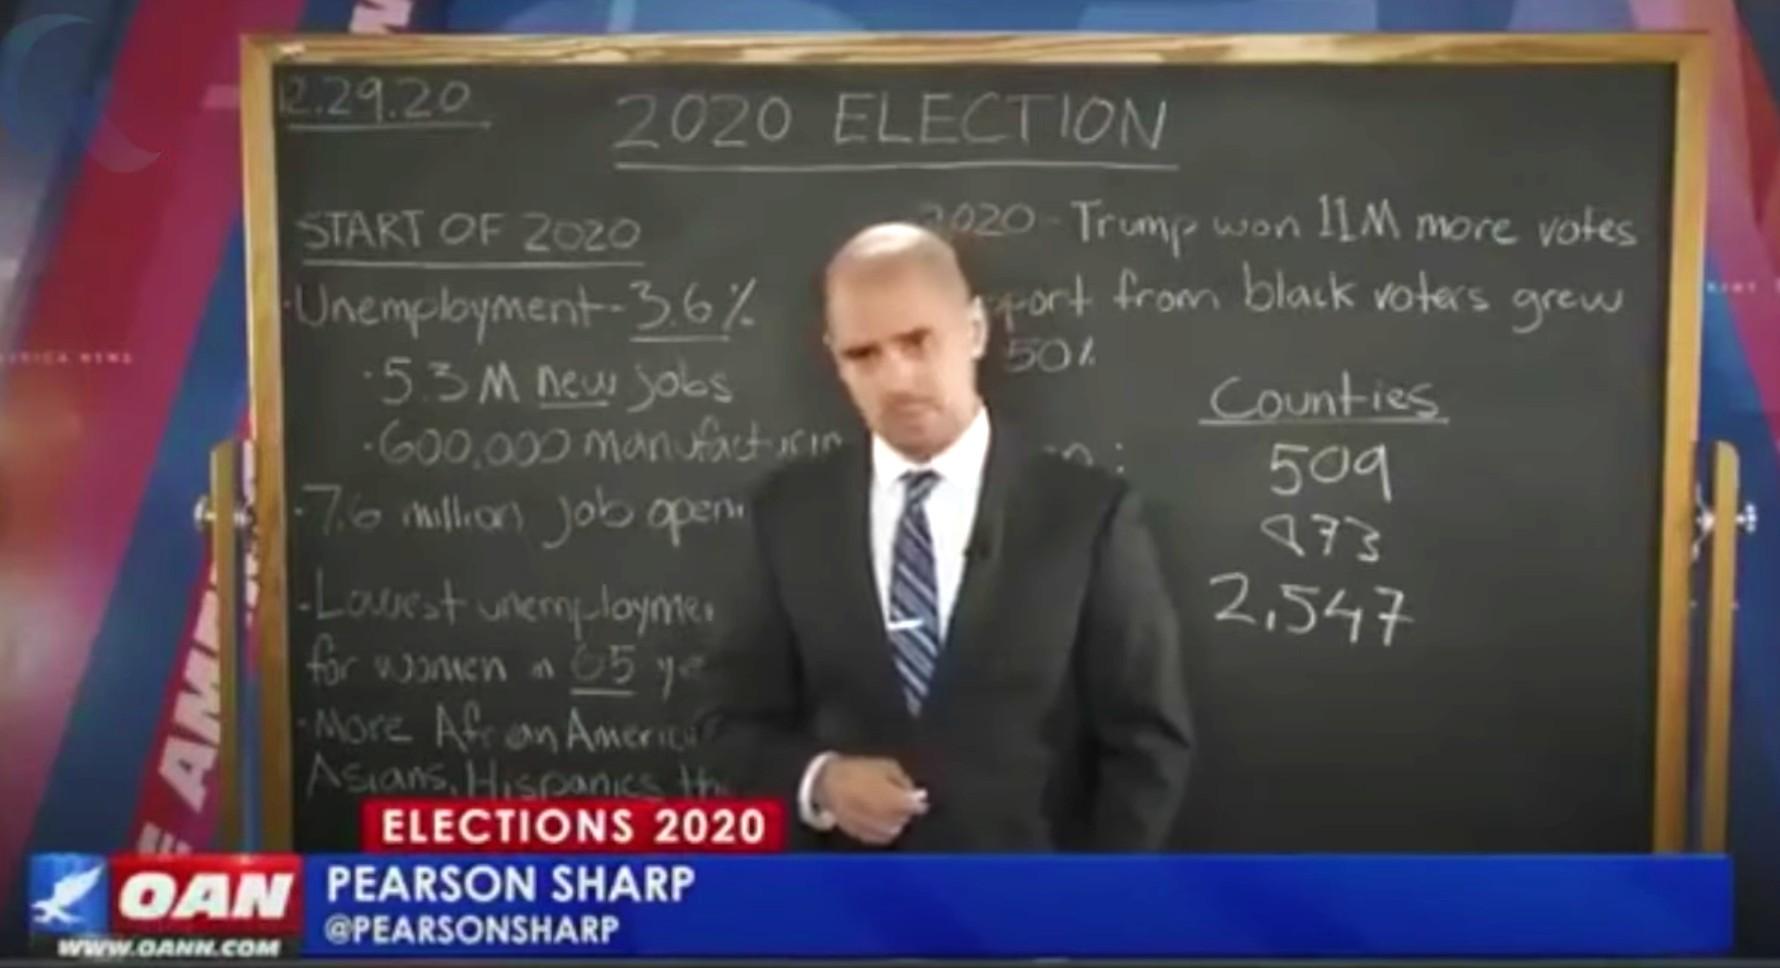 Elections US: Pearson Sharp sur One America News «Trump a remporté 2 547 comtés alors que Biden n'a remporté que 509 comtés, 364 de moins qu'Obama. Une victoire écrasante pour Trump» (Vidéo)